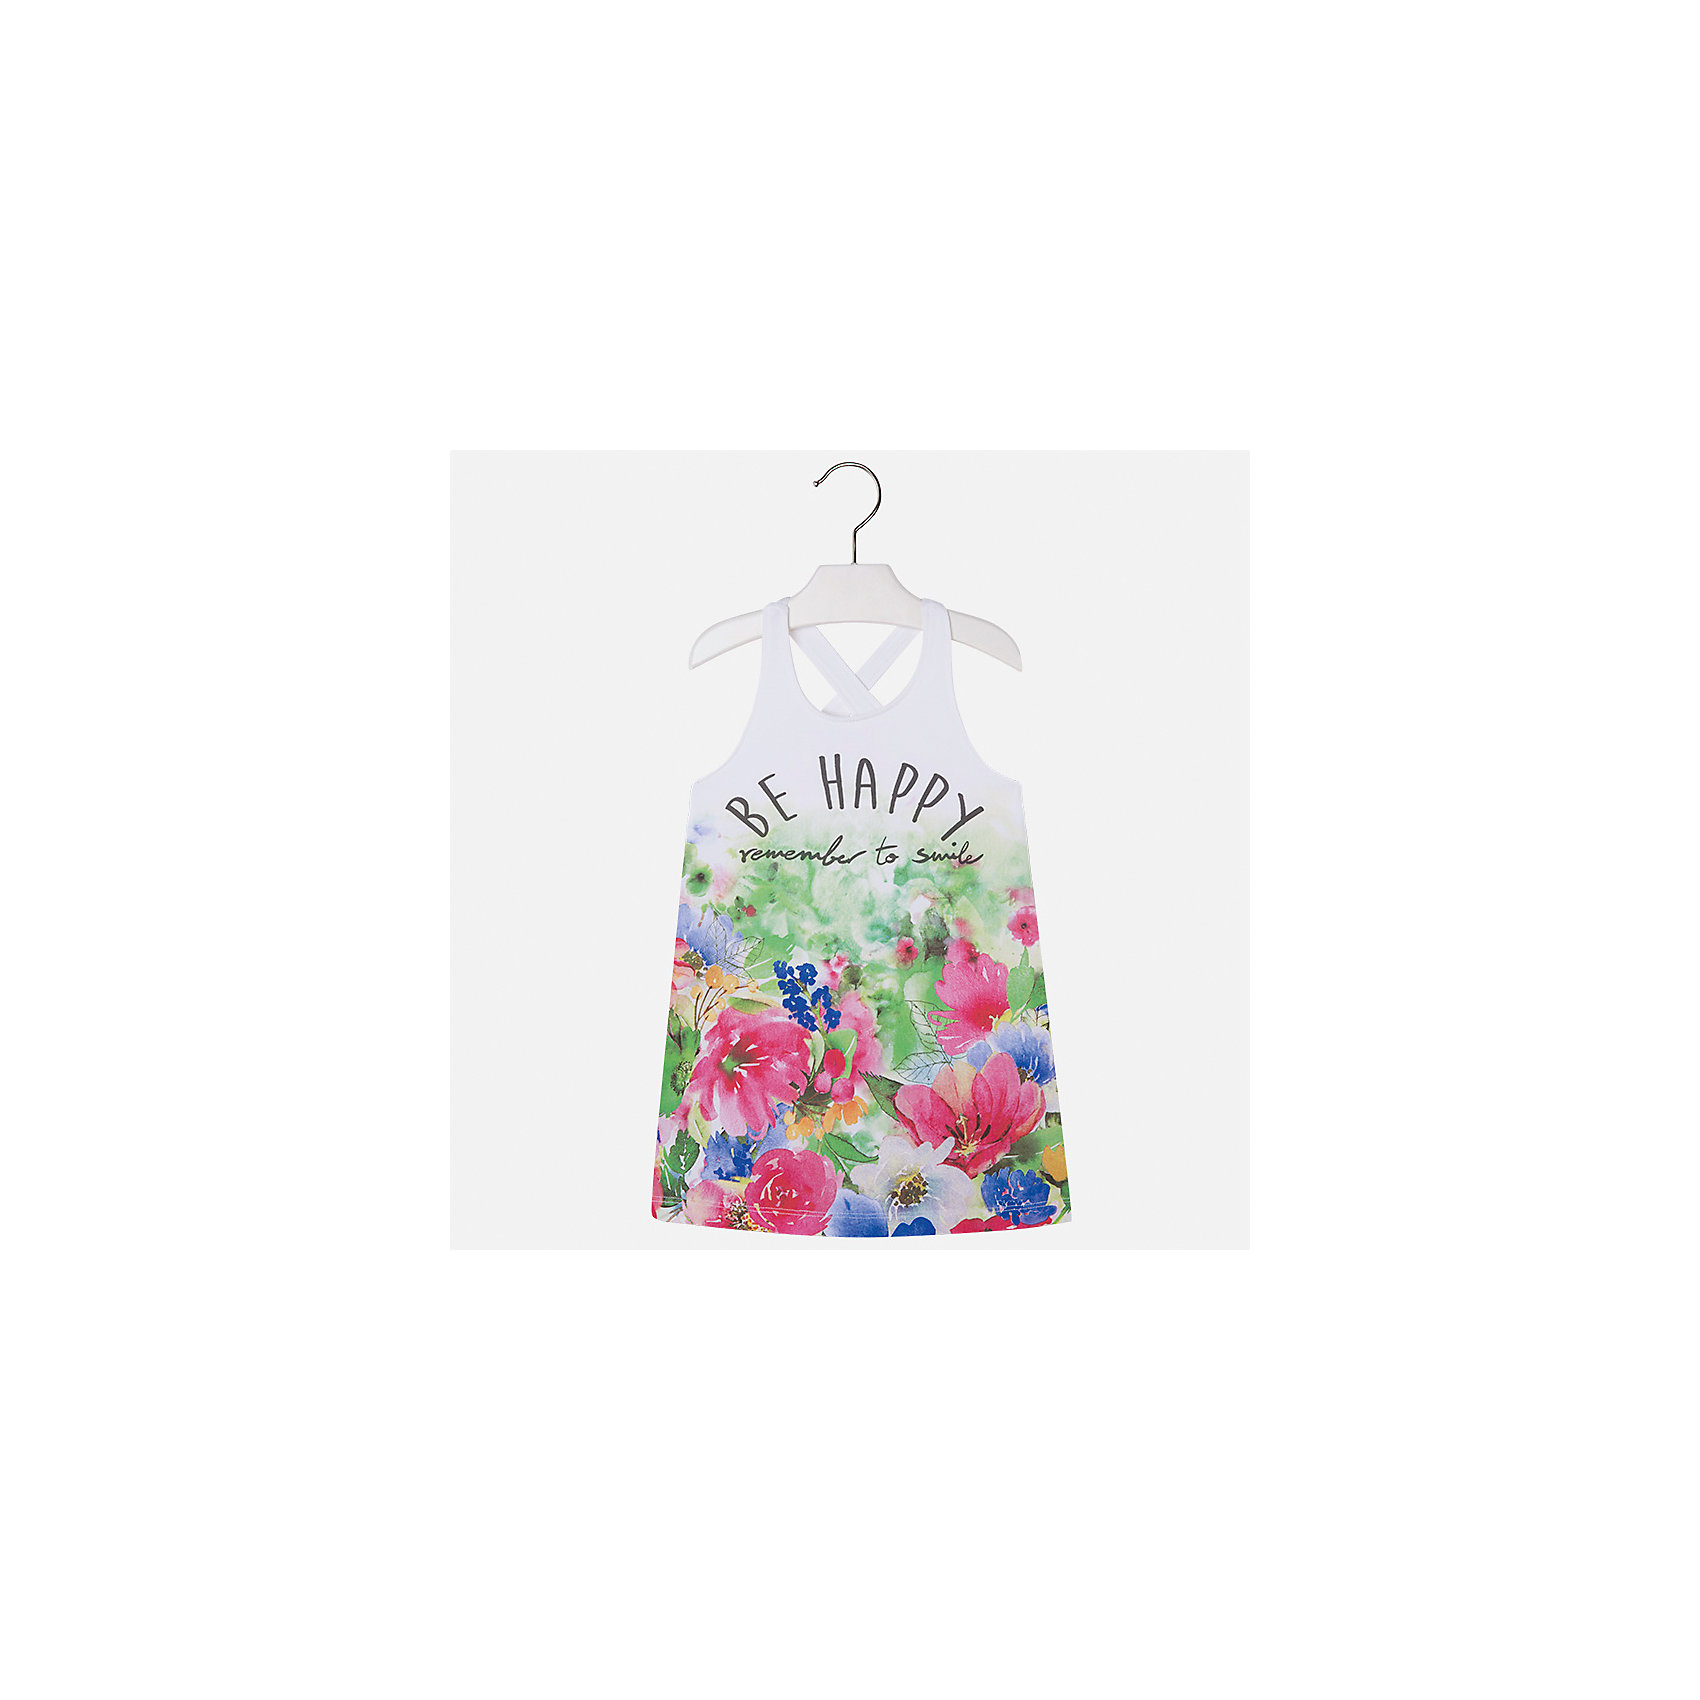 Платье для девочки MayoralВесенняя капель<br>Характеристики товара:<br><br>• цвет: мультиколор<br>• состав: 92% хлопок, 8% эластан<br>• без застежки<br>• принт<br>• без рукавов<br>• без подкладки<br>• страна бренда: Испания<br><br>Модное красивое платье для девочки поможет разнообразить гардероб ребенка и создать эффектный наряд. Оно отлично подойдет для различных случаев. Красивый оттенок позволяет подобрать к вещи обувь разных расцветок. Платье хорошо сидит по фигуре. . В составе материала - натуральный хлопок, гипоаллергенный, приятный на ощупь, дышащий.<br><br>Одежда, обувь и аксессуары от испанского бренда Mayoral полюбились детям и взрослым по всему миру. Модели этой марки - стильные и удобные. Для их производства используются только безопасные, качественные материалы и фурнитура. Порадуйте ребенка модными и красивыми вещами от Mayoral! <br><br>Платье для девочки от испанского бренда Mayoral (Майорал) можно купить в нашем интернет-магазине.<br><br>Ширина мм: 236<br>Глубина мм: 16<br>Высота мм: 184<br>Вес г: 177<br>Цвет: красный<br>Возраст от месяцев: 96<br>Возраст до месяцев: 108<br>Пол: Женский<br>Возраст: Детский<br>Размер: 134,92,98,104,110,116,122,128<br>SKU: 5292443